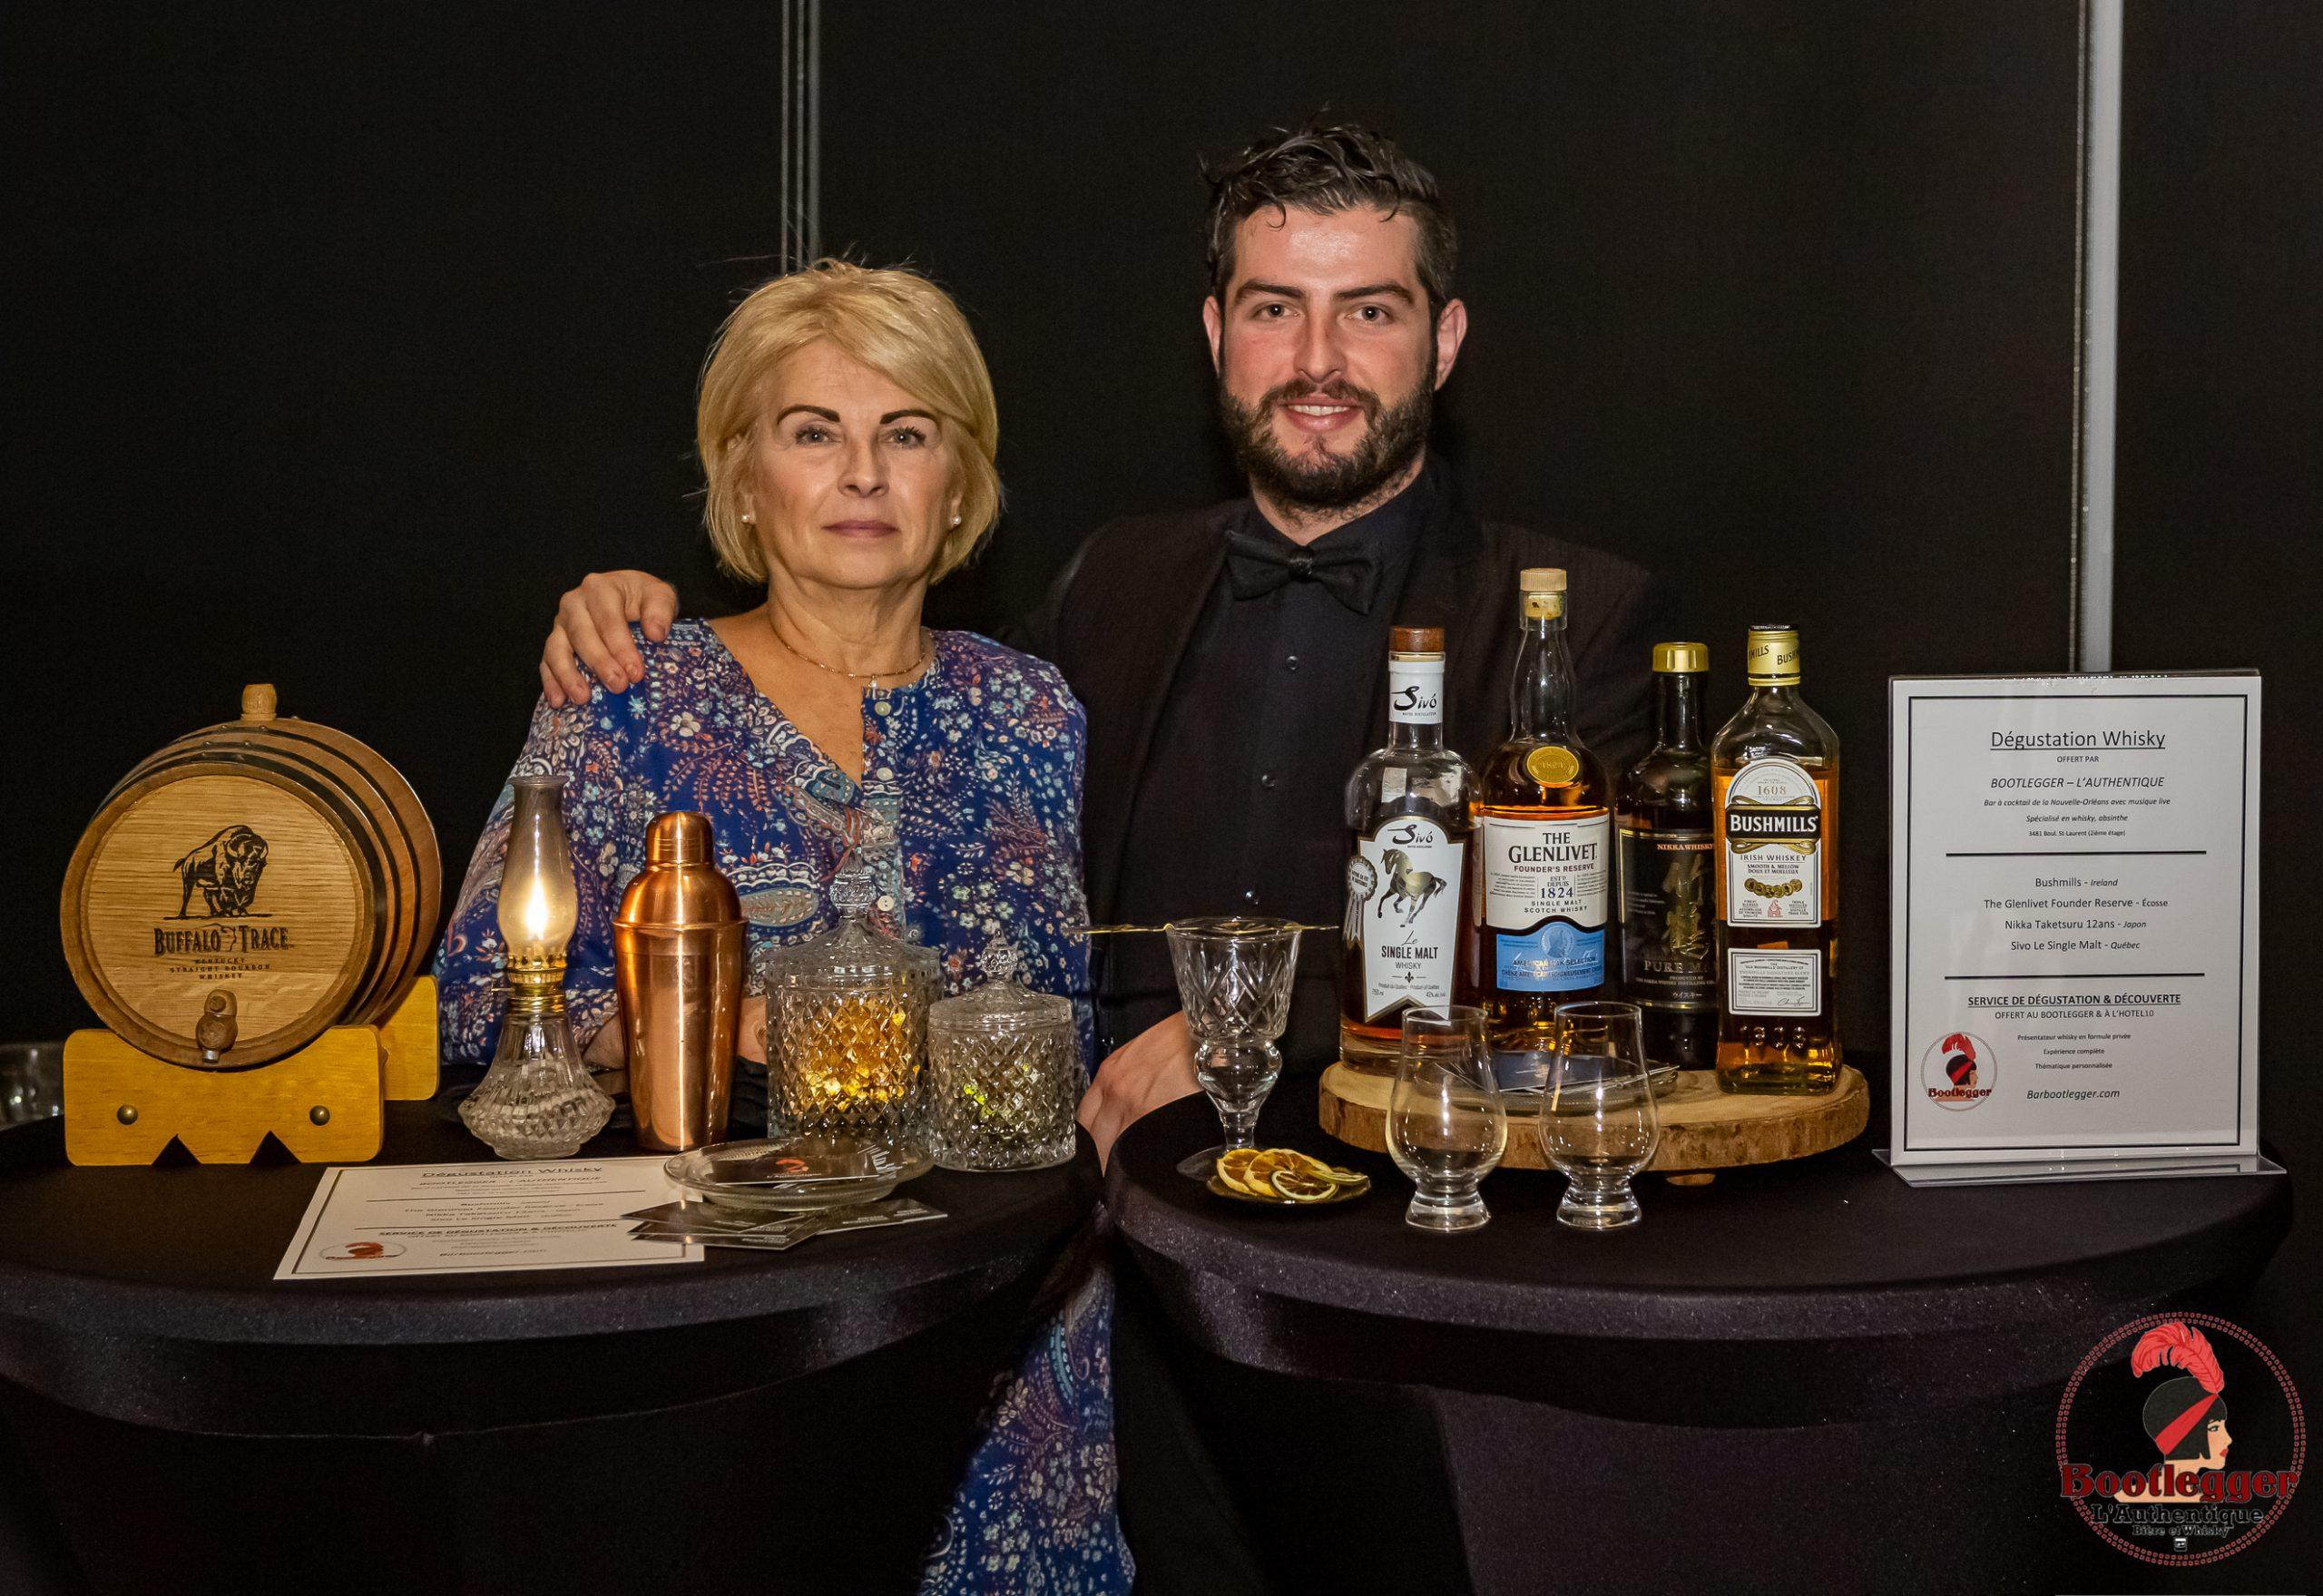 degustation whisky montreal bootlegger